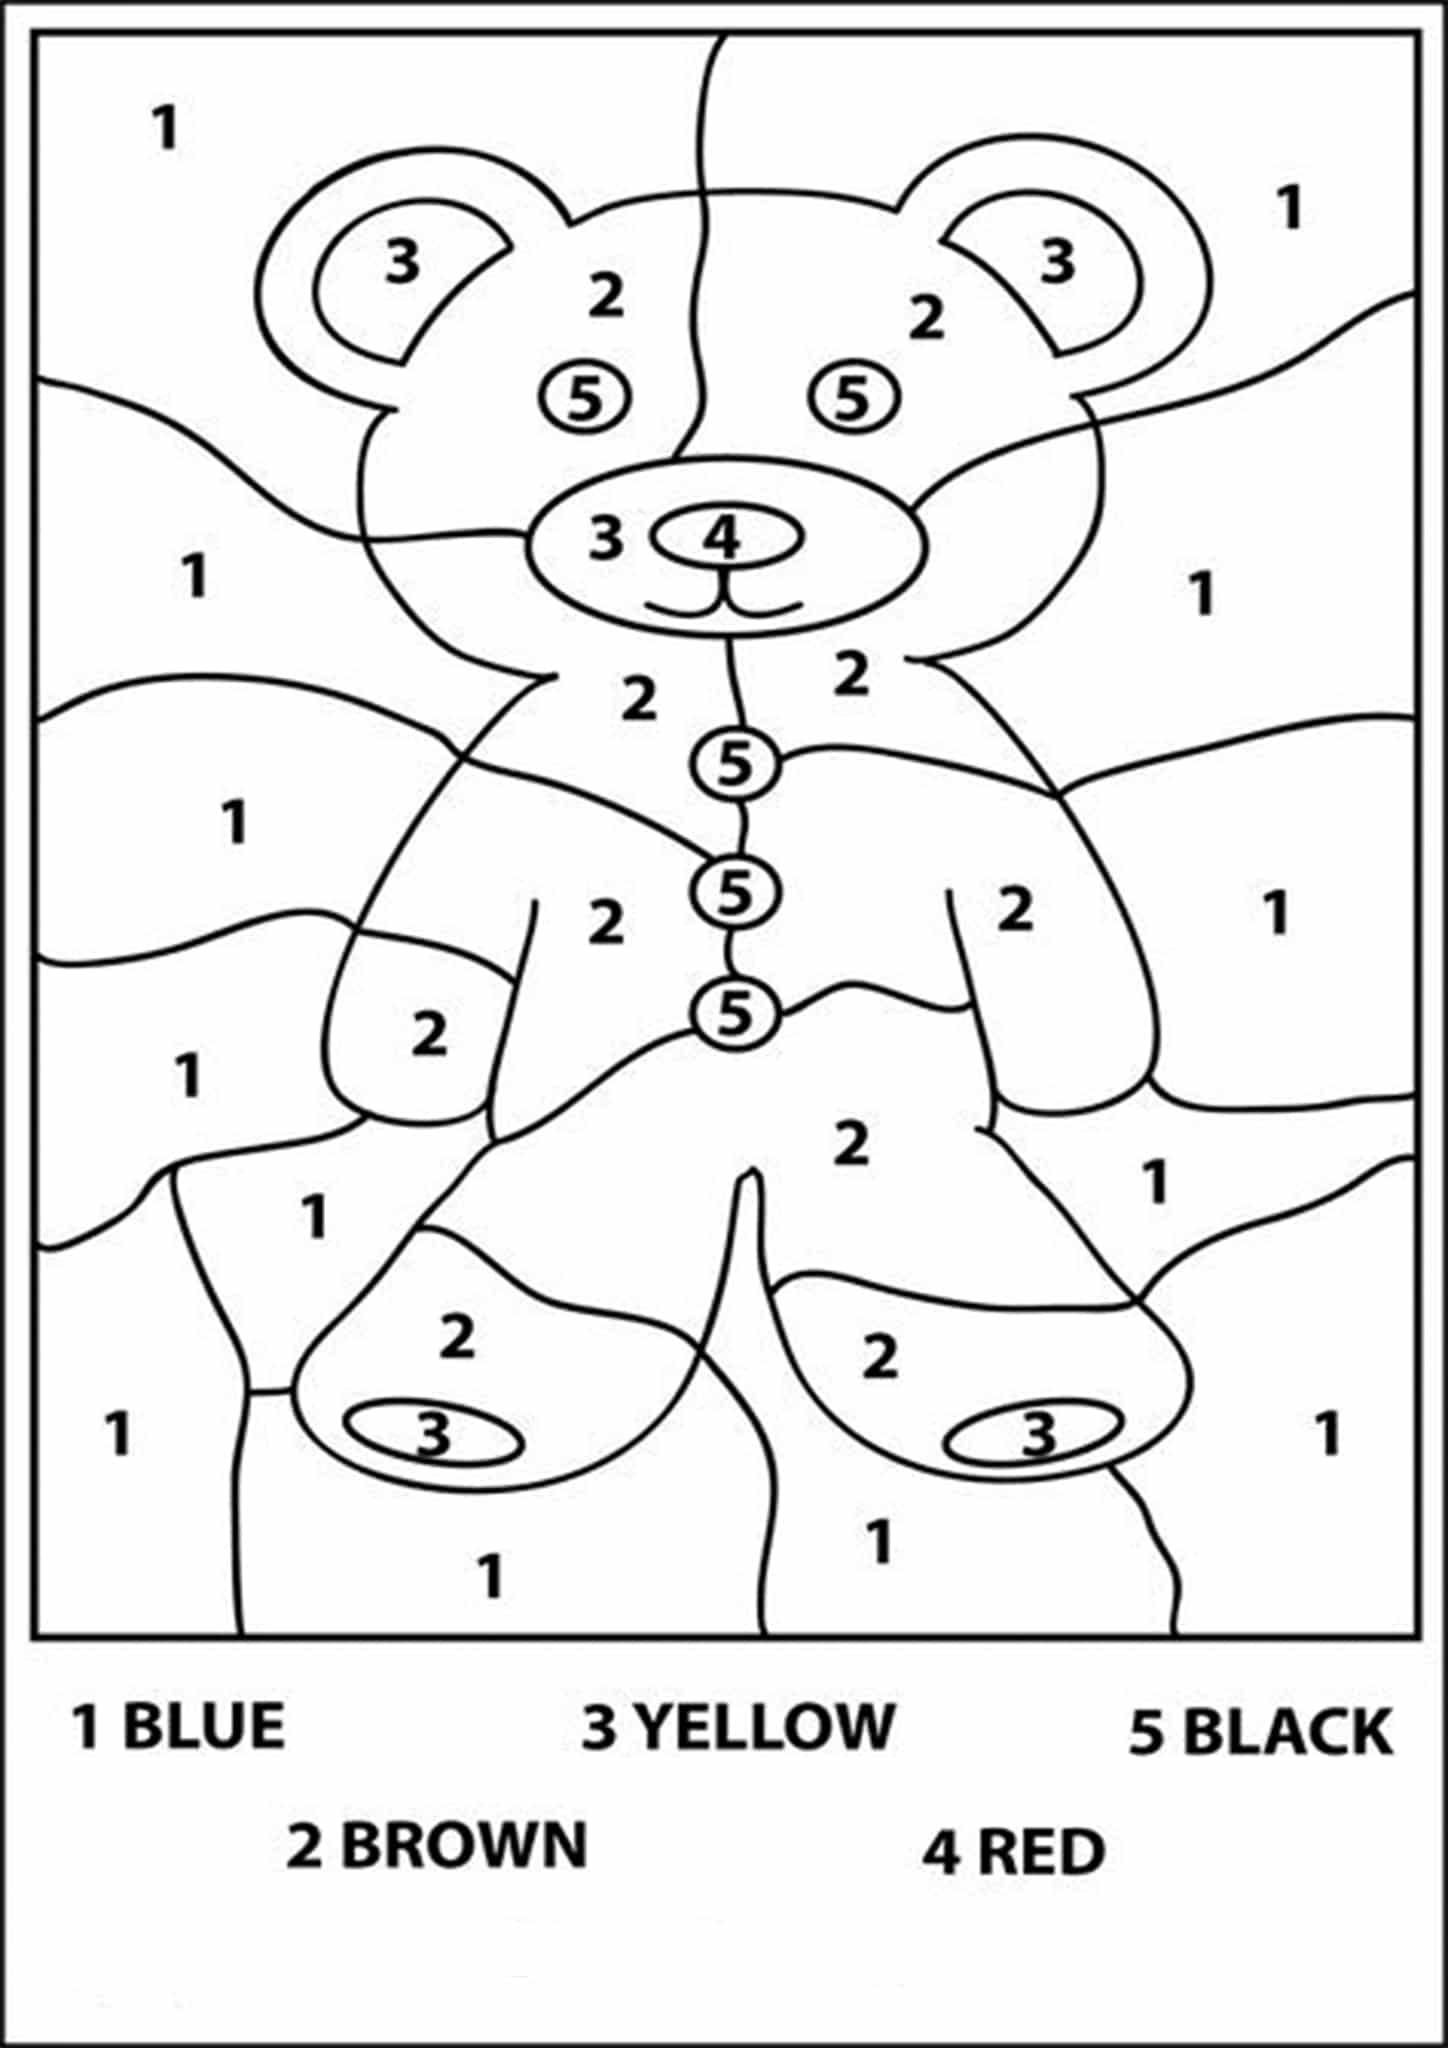 Power Rangers Worksheet For Kindergarten